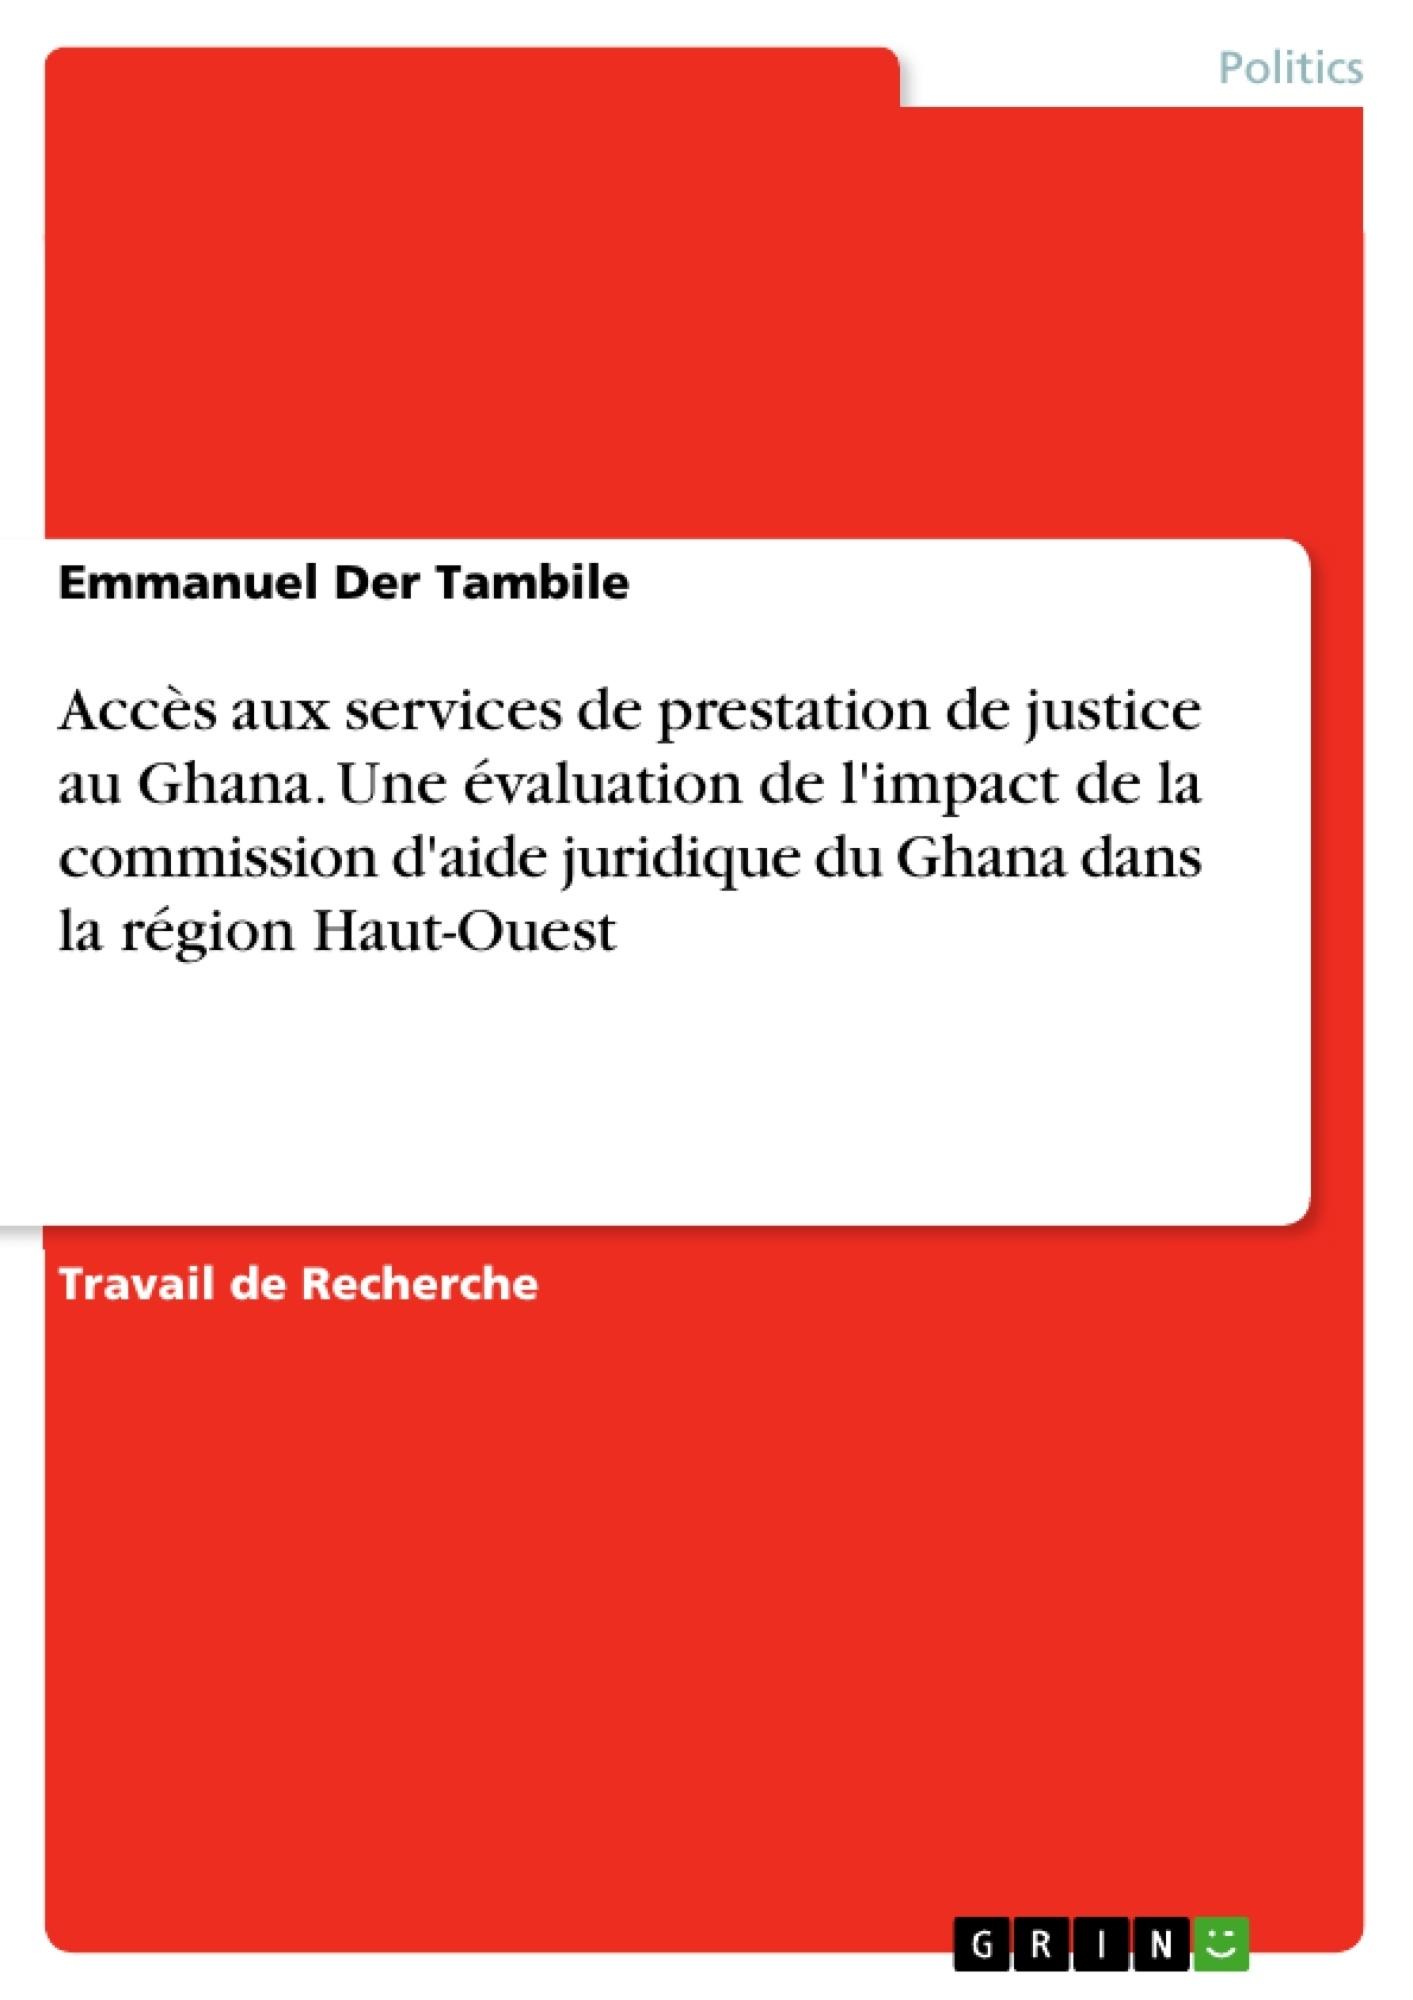 Titre: Accès aux services de prestation de justice au Ghana. Une évaluation de l'impact de la commission d'aide juridique du Ghana dans la région Haut-Ouest